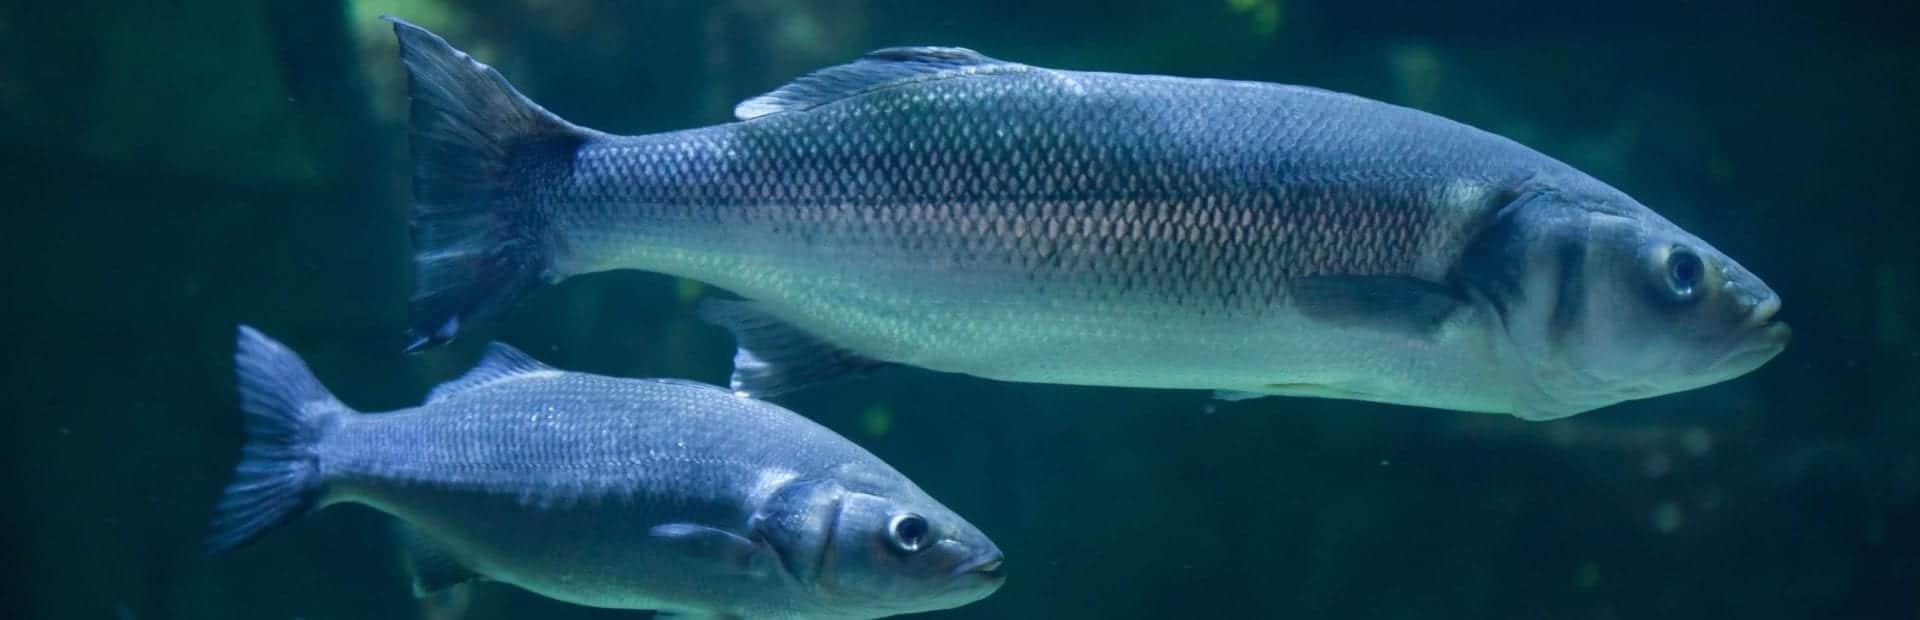 Dos ejemplares de lubina de acuicultura